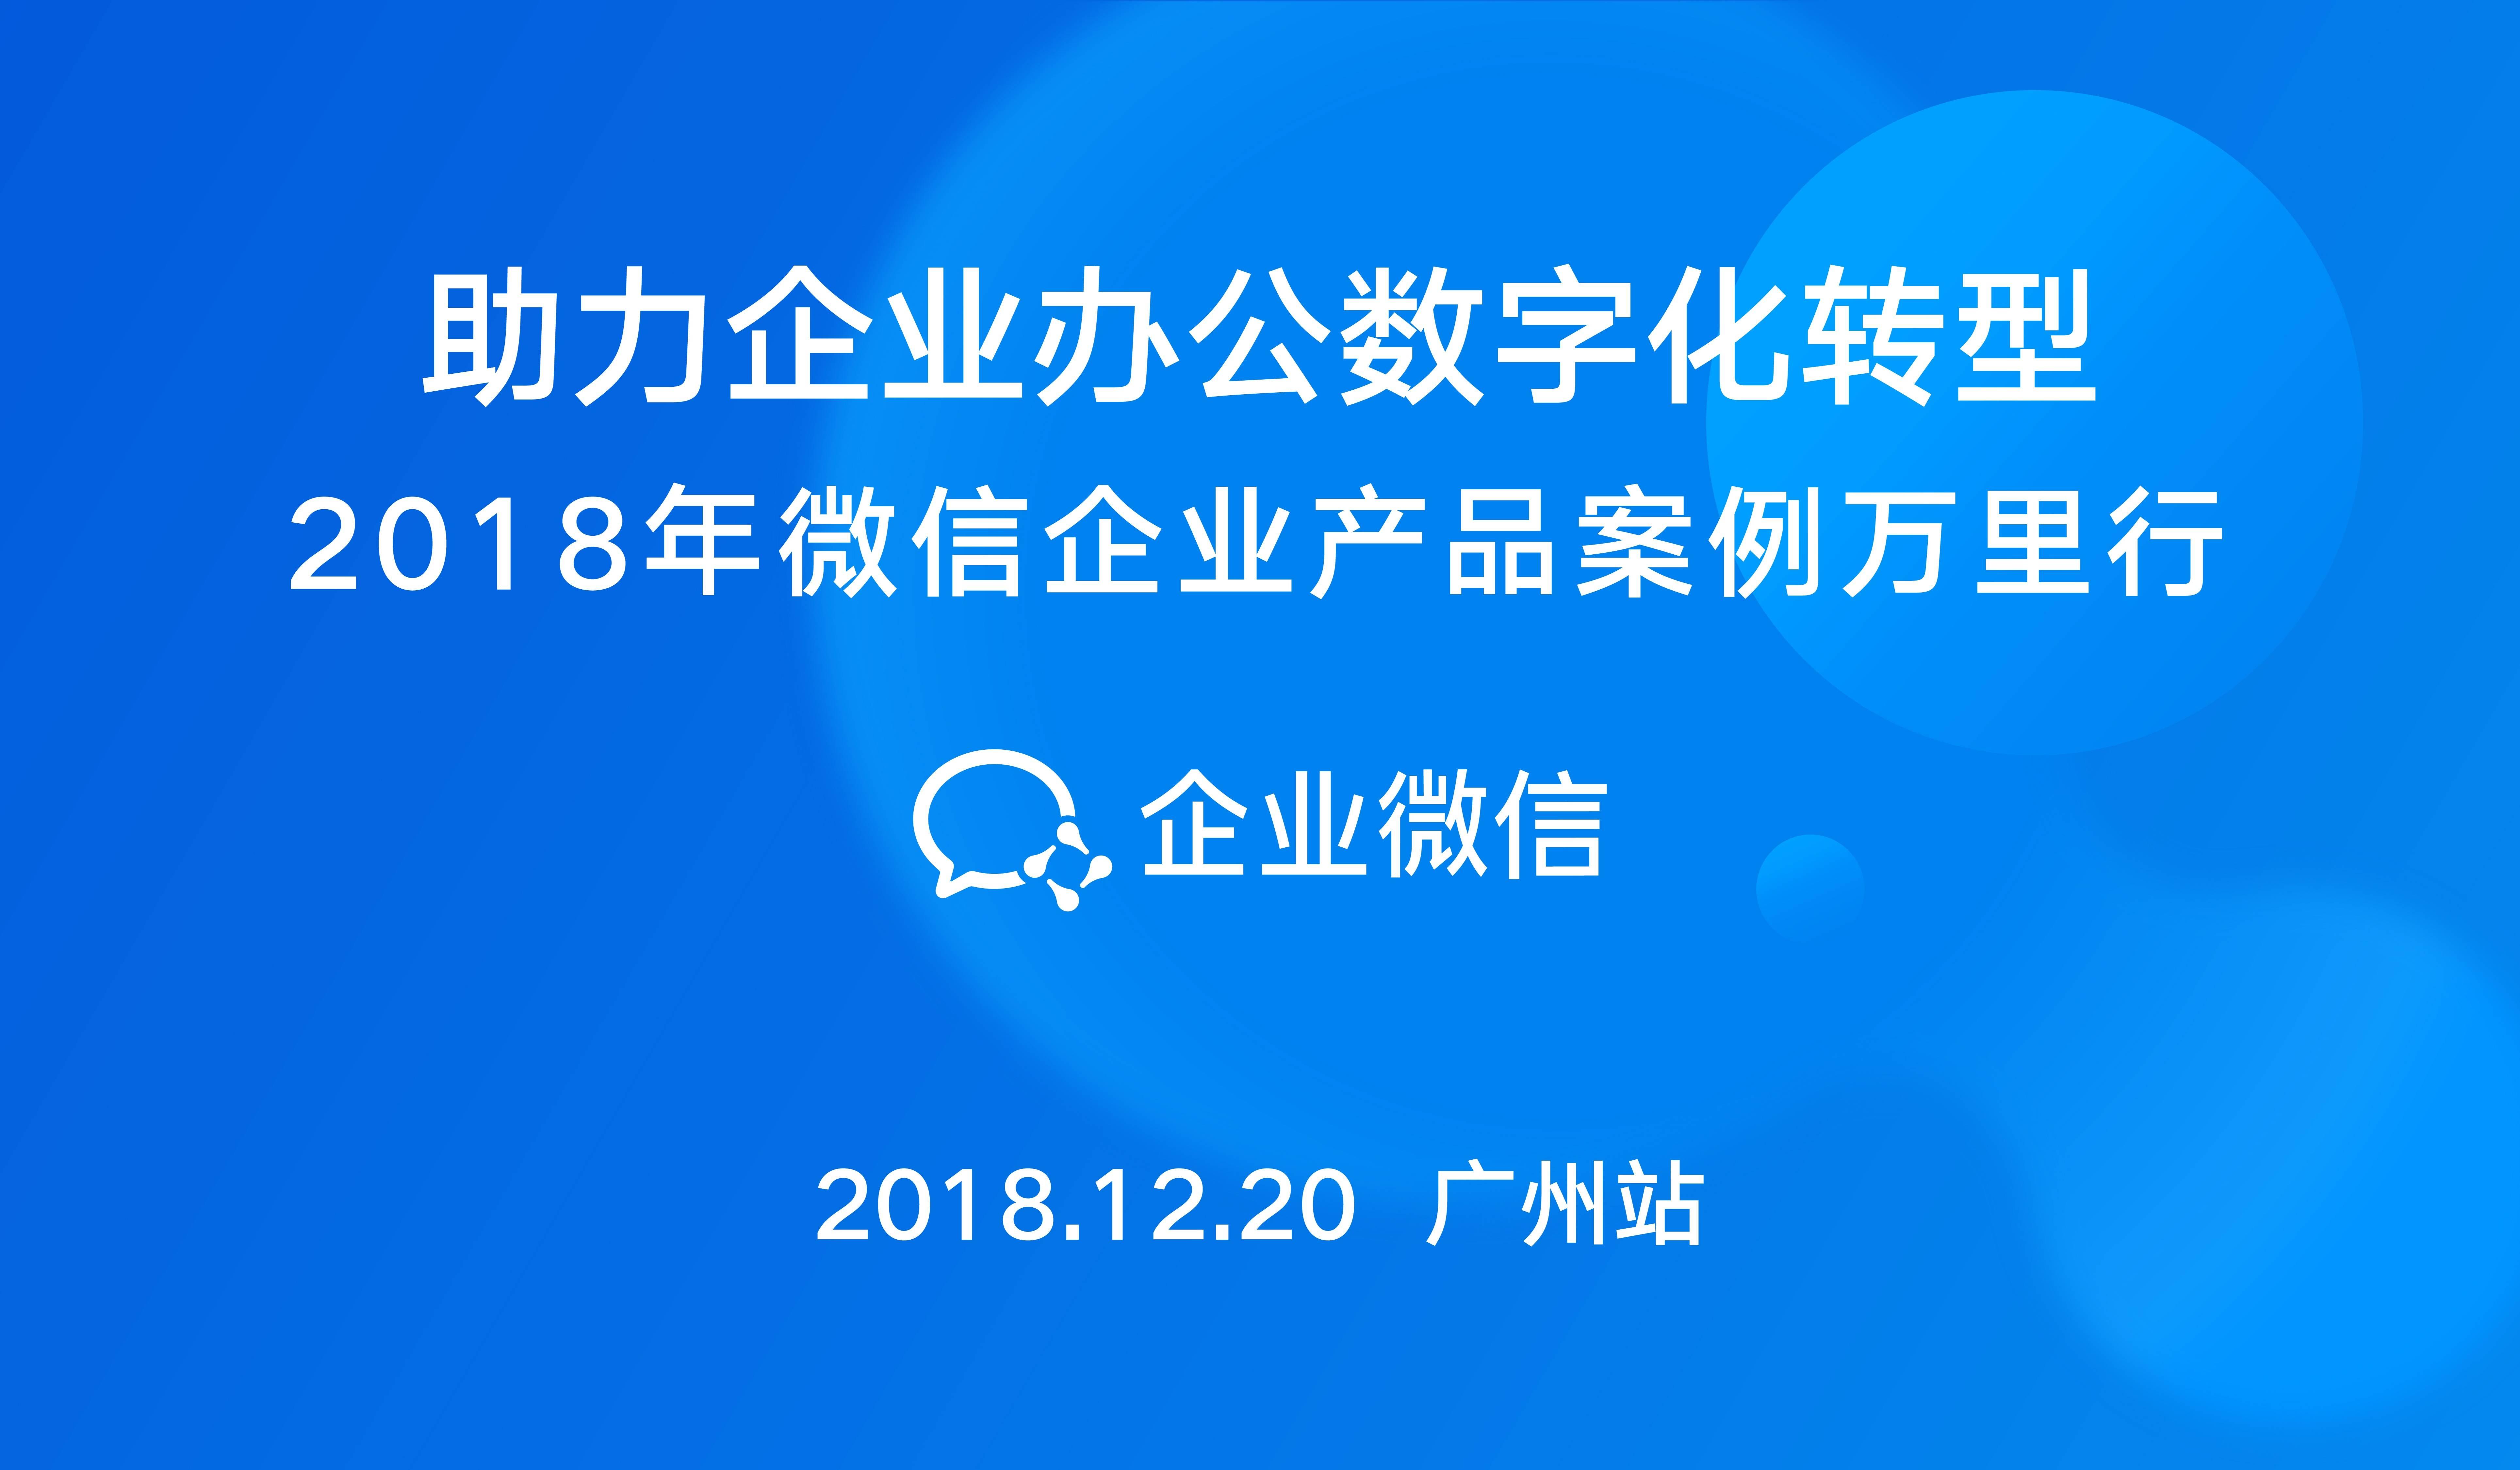 2018年微信企业产品案例万里行,助力企业办公数字化转型【广州站】